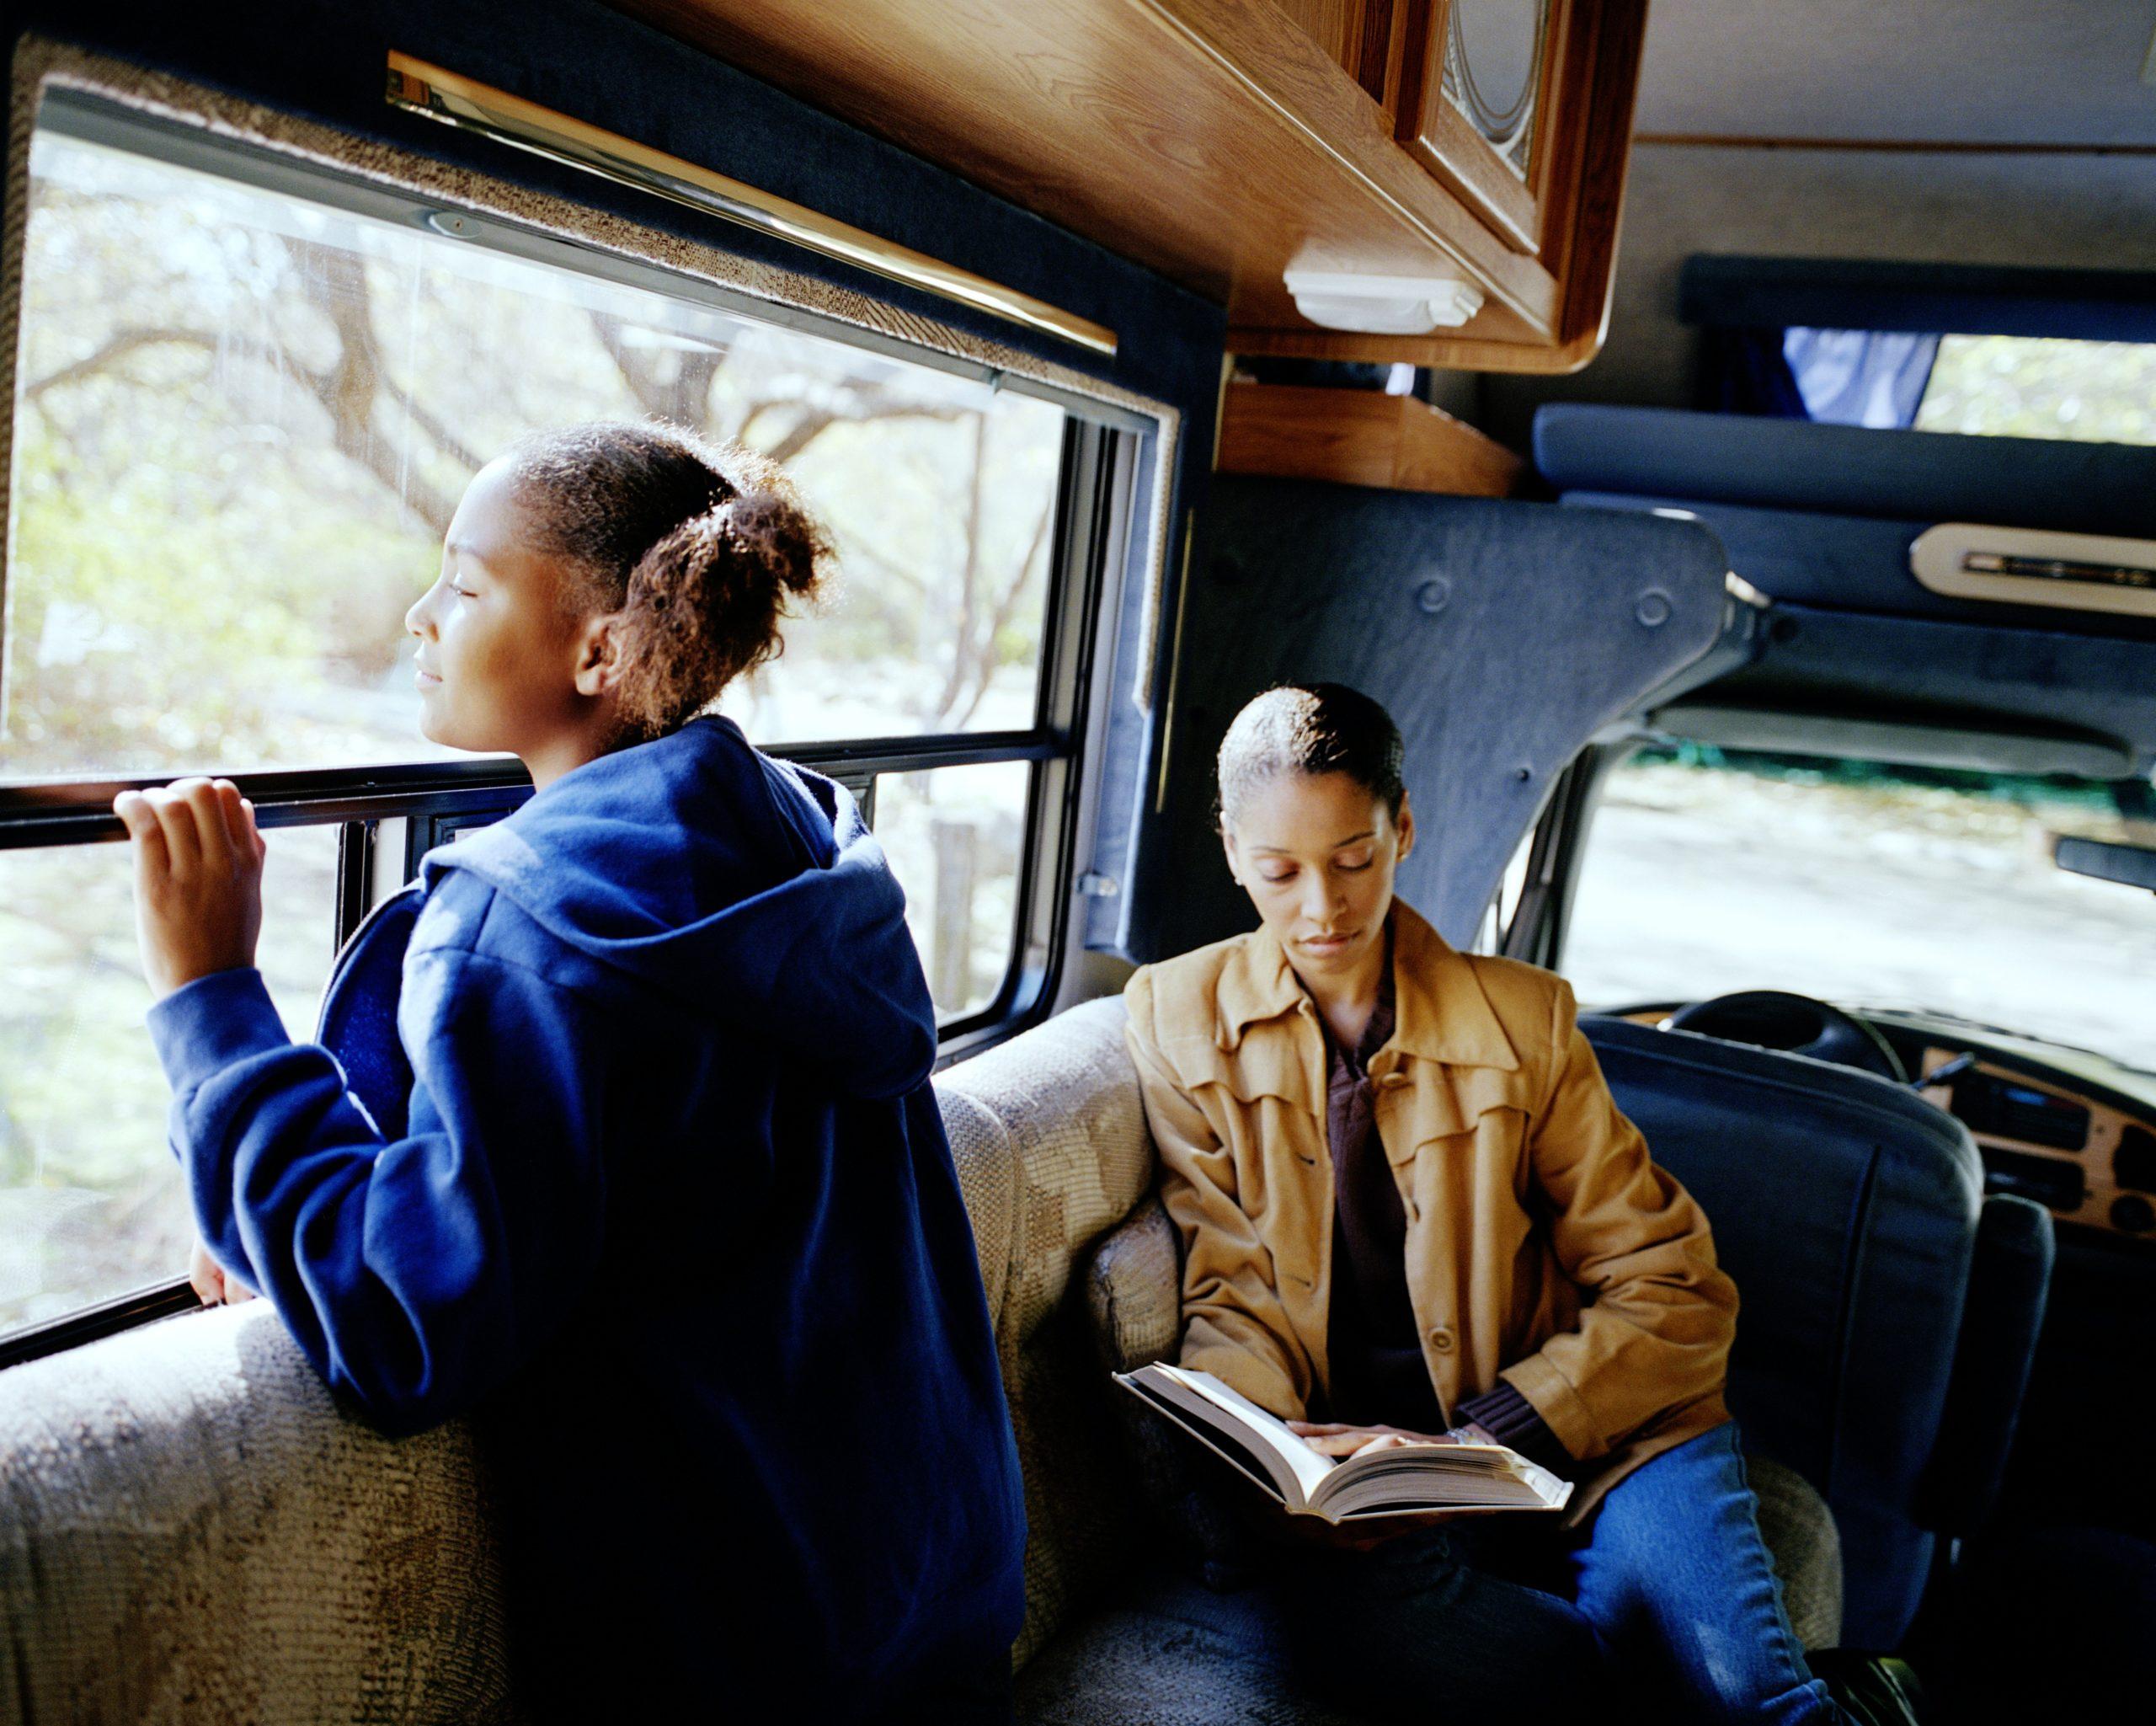 Mother and daughter (10-12) relaxing in camper van